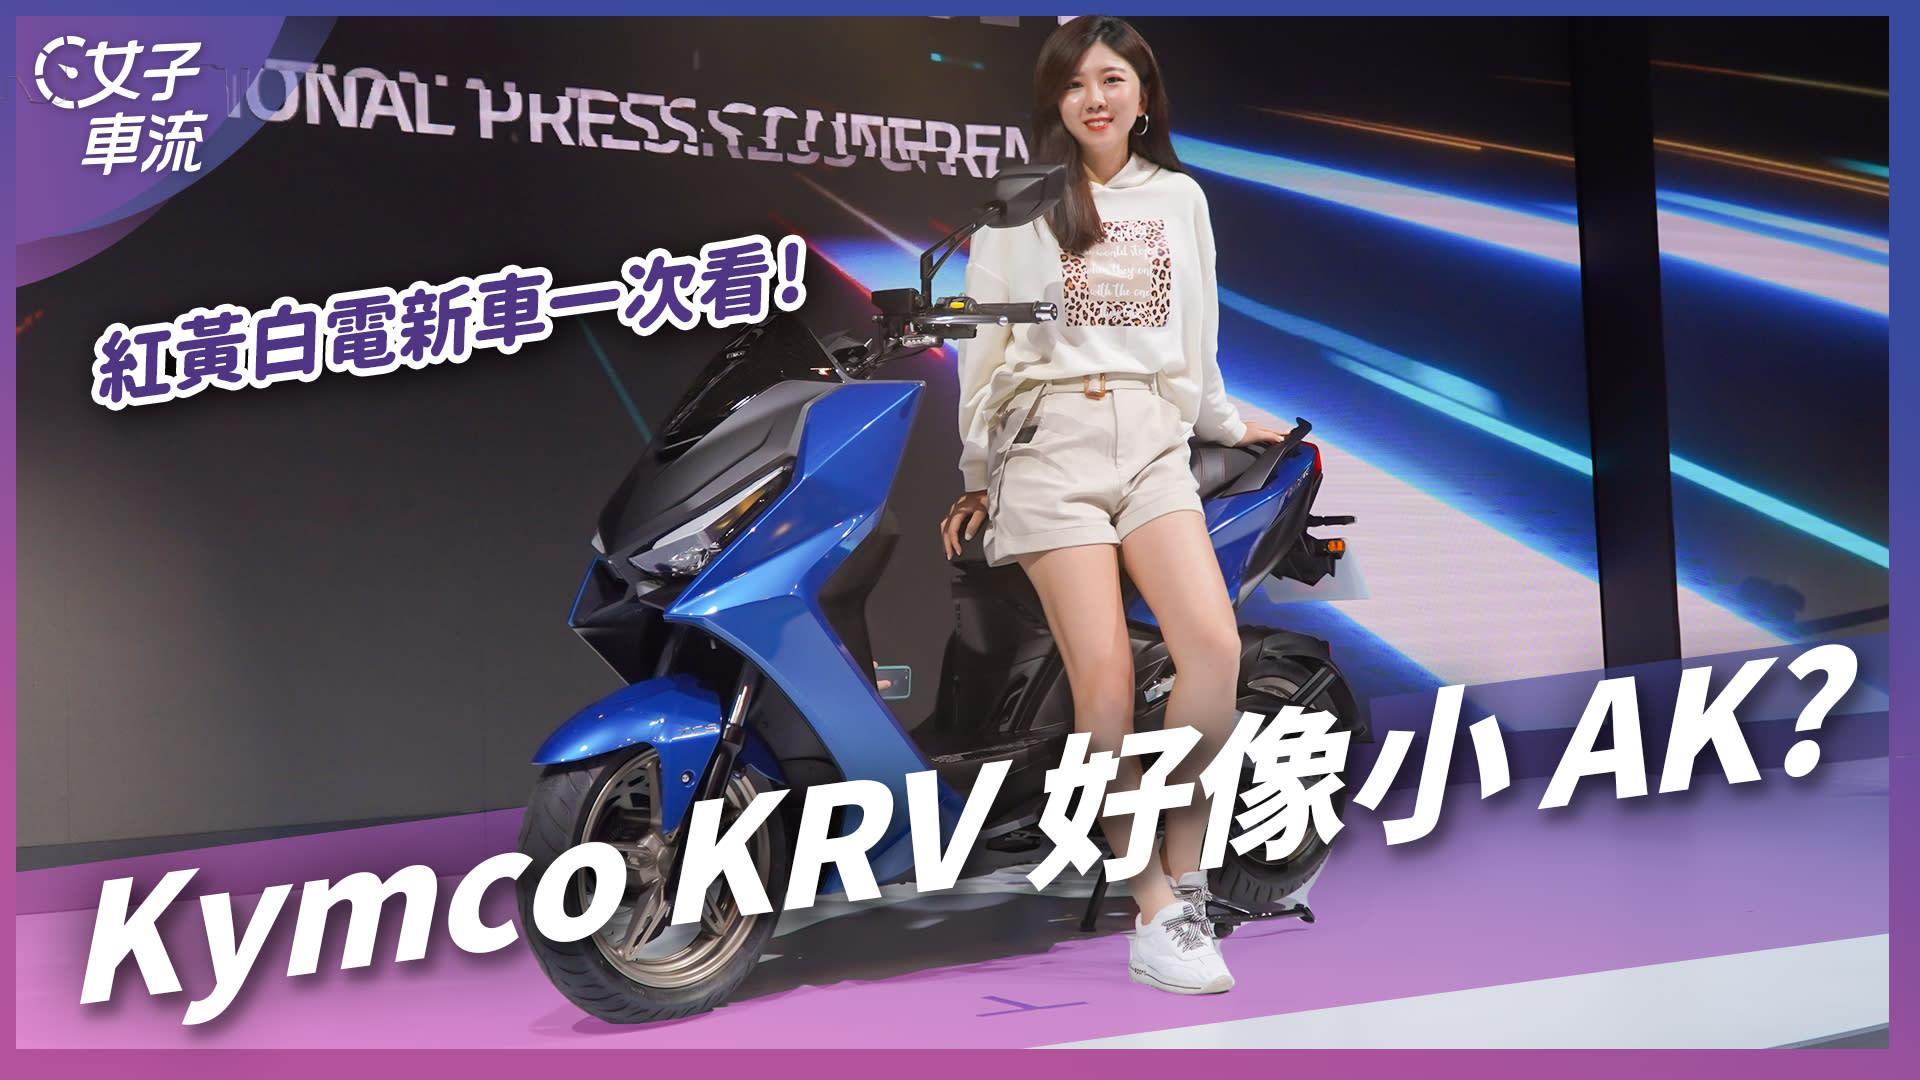 Kymco KRV 好像小 AK? 光陽全新紅黃白電車款亮相!